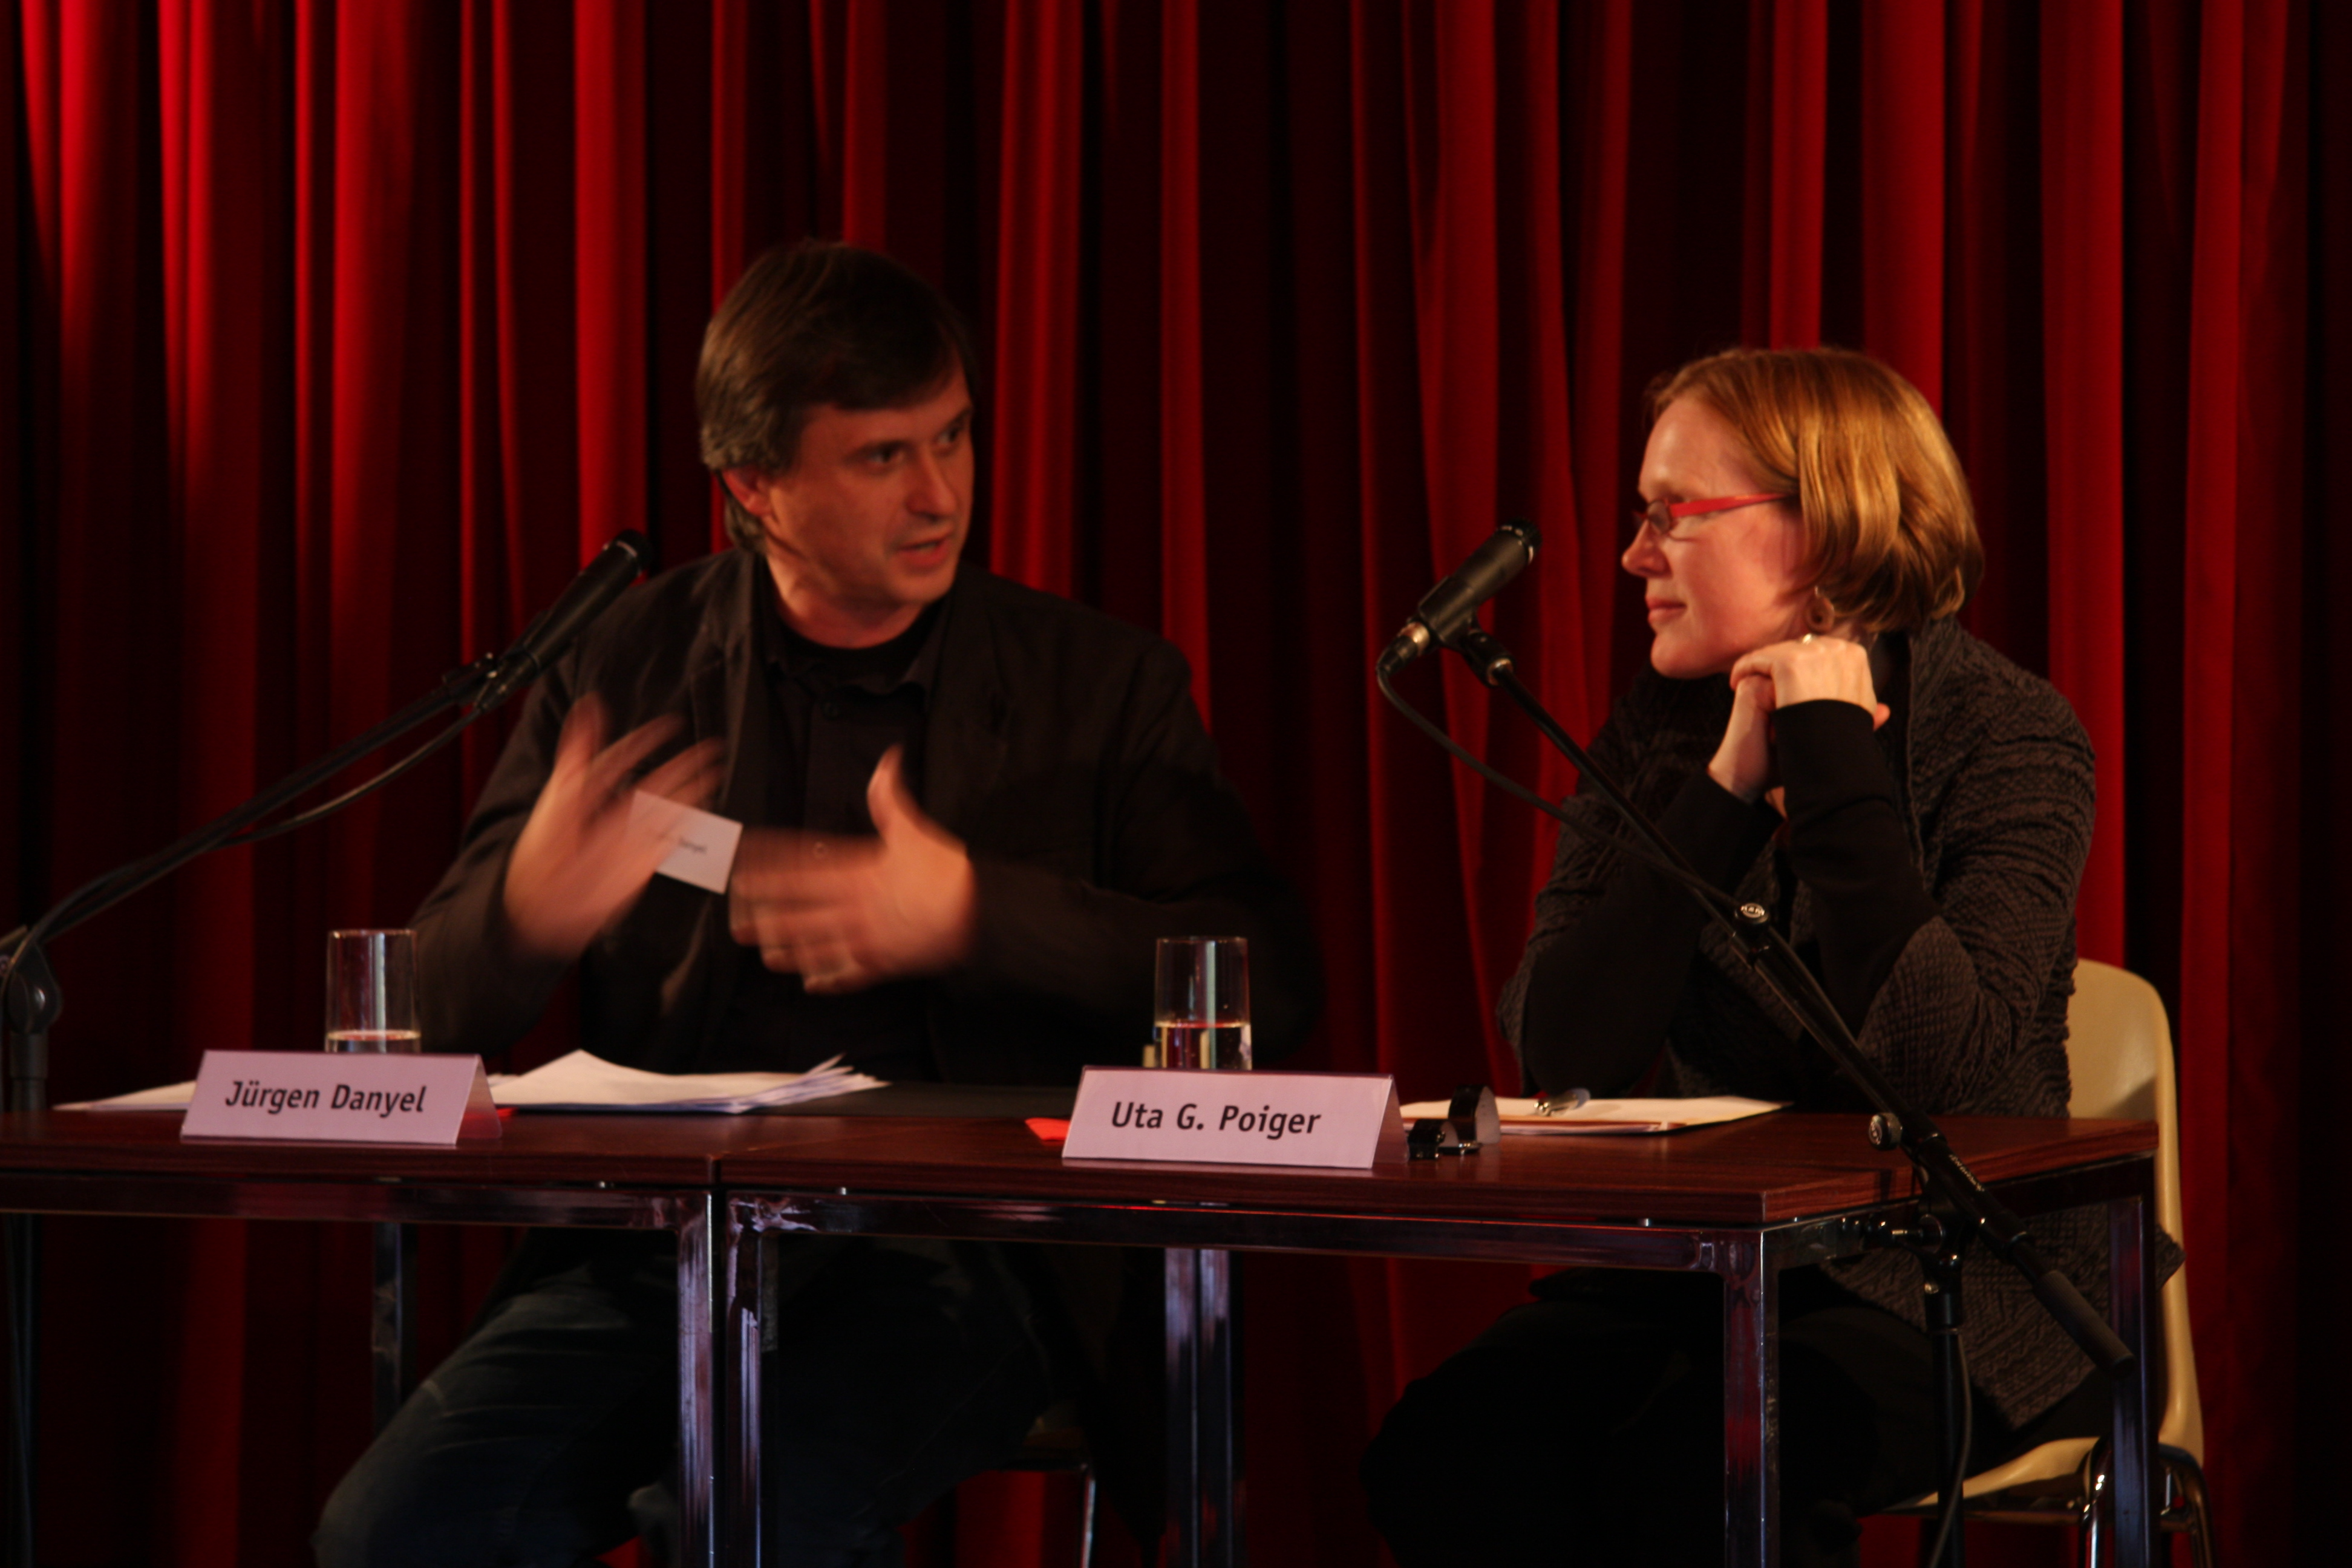 Jürgen daniel und Uta Poiger